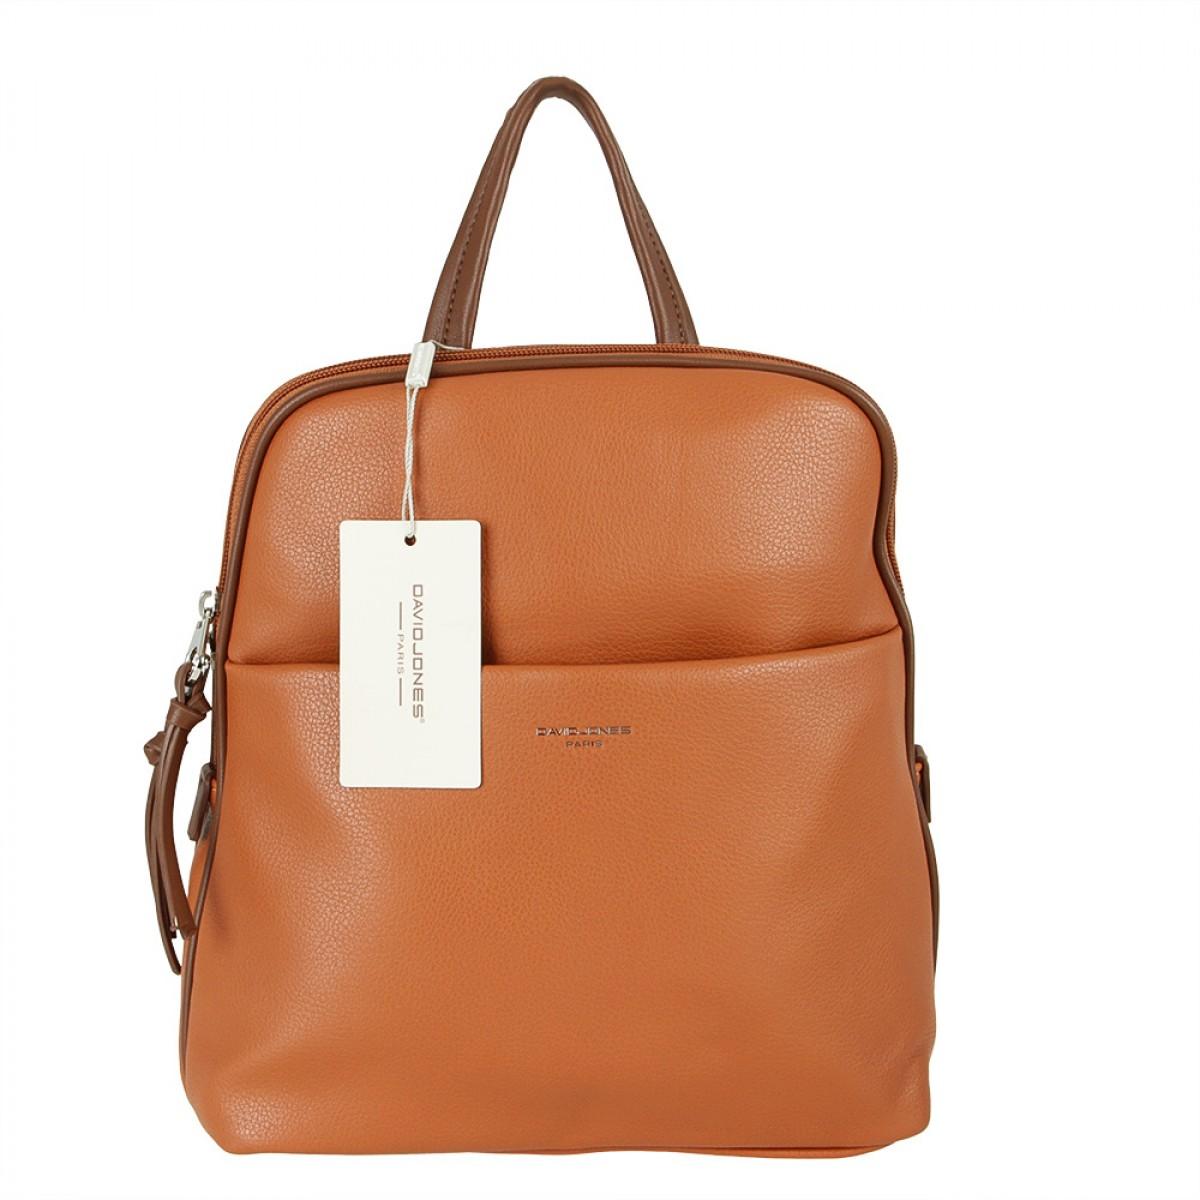 Жіночий рюкзак David Jones 6219-2 COGNAC